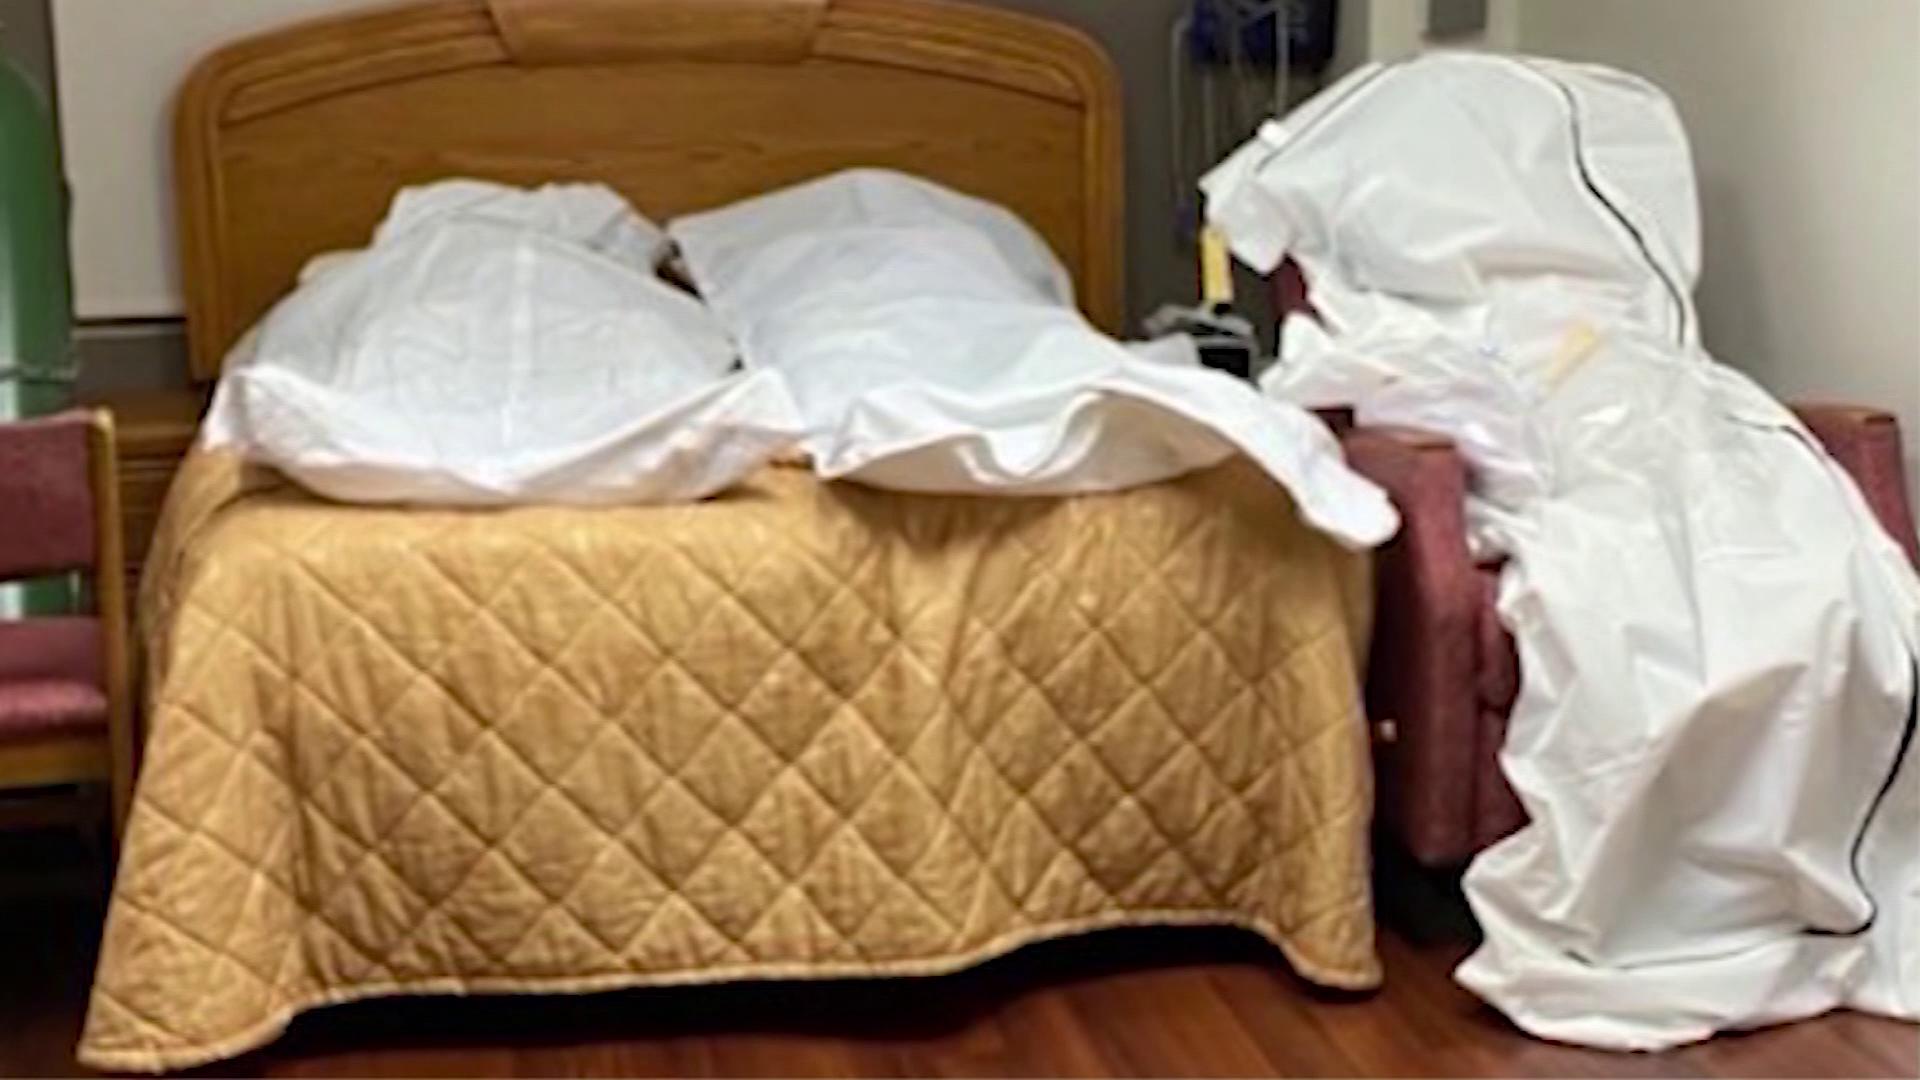 Corpos foram armazenados em cama e poltrona em quarto de hospital de Detroit